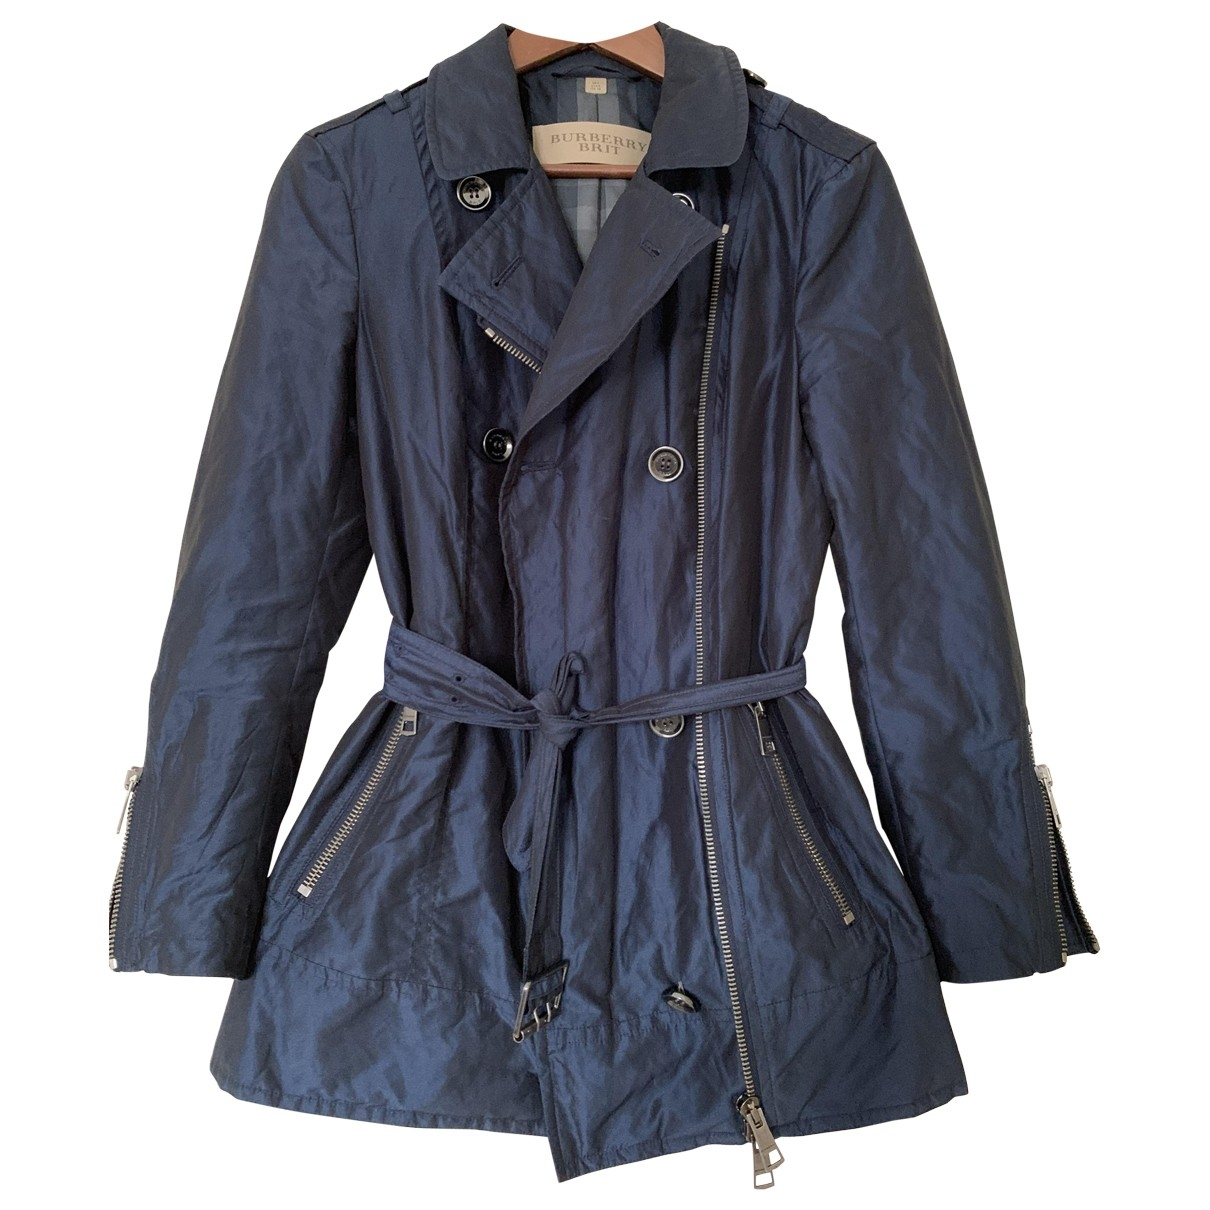 Burberry \N Blue jacket for Women 38 IT